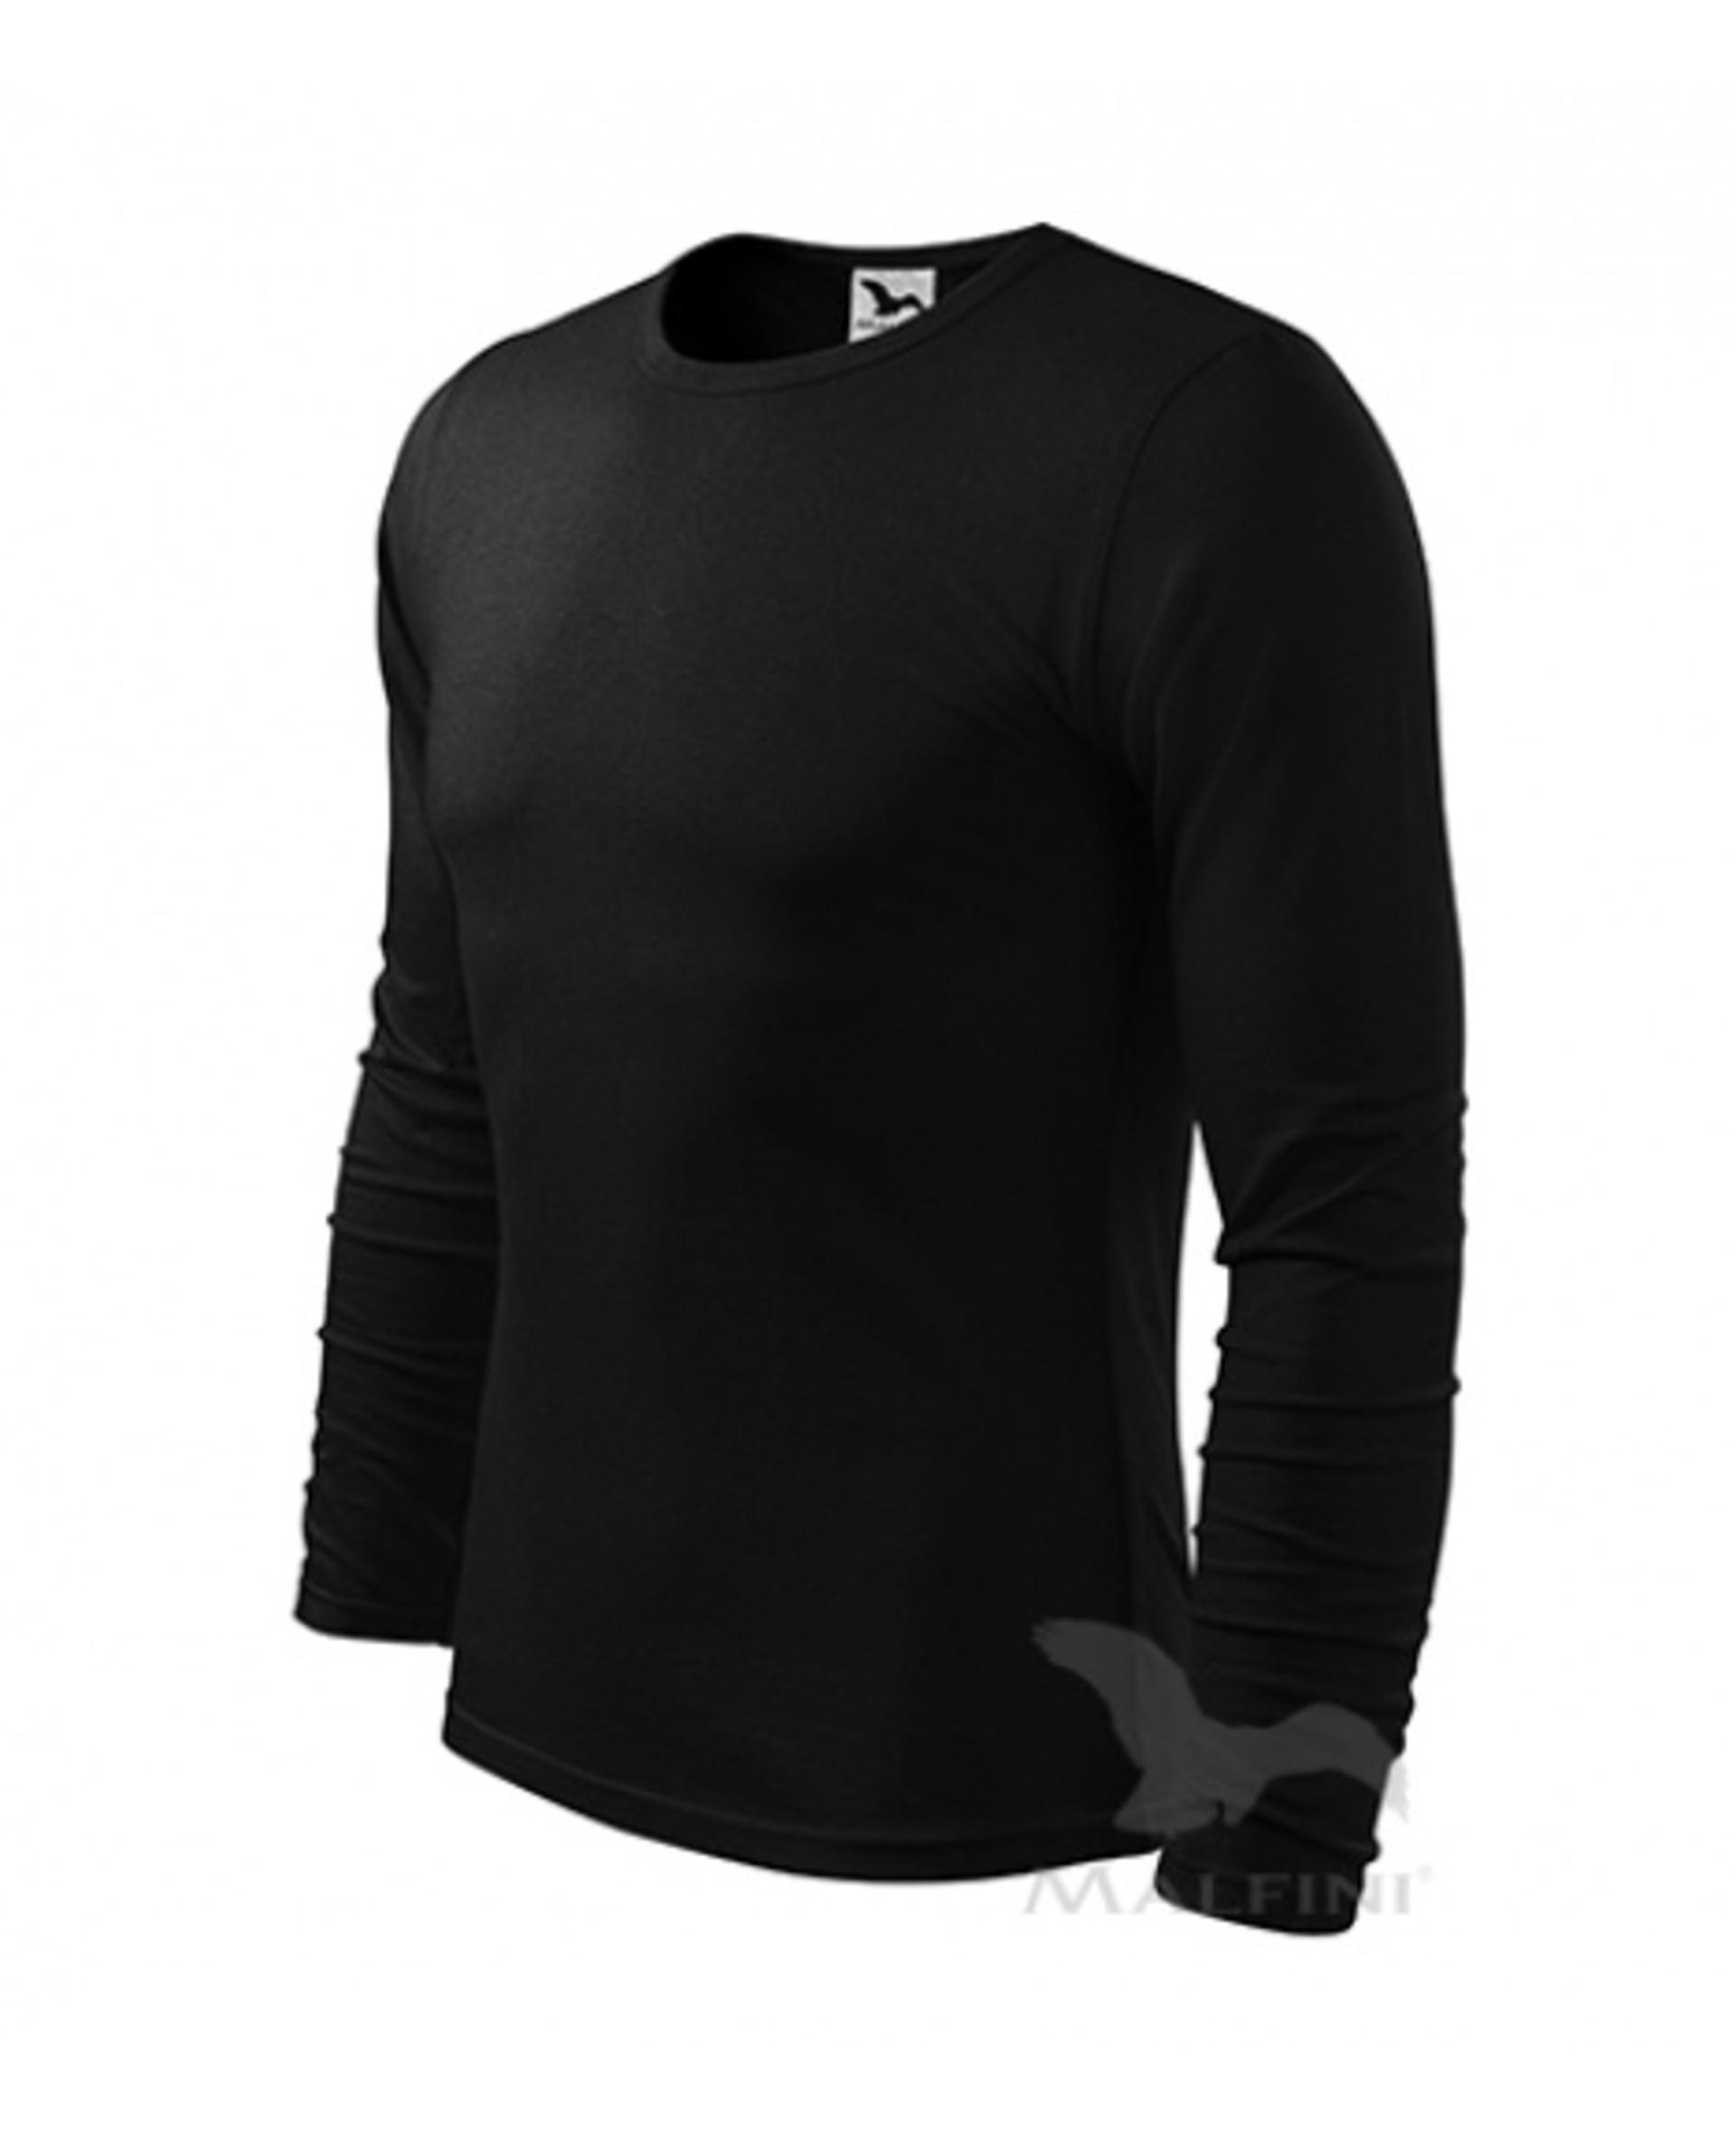 ADLER FIT-T LONG SLEEVE pánské dlouhý rukáv Tričko černá M